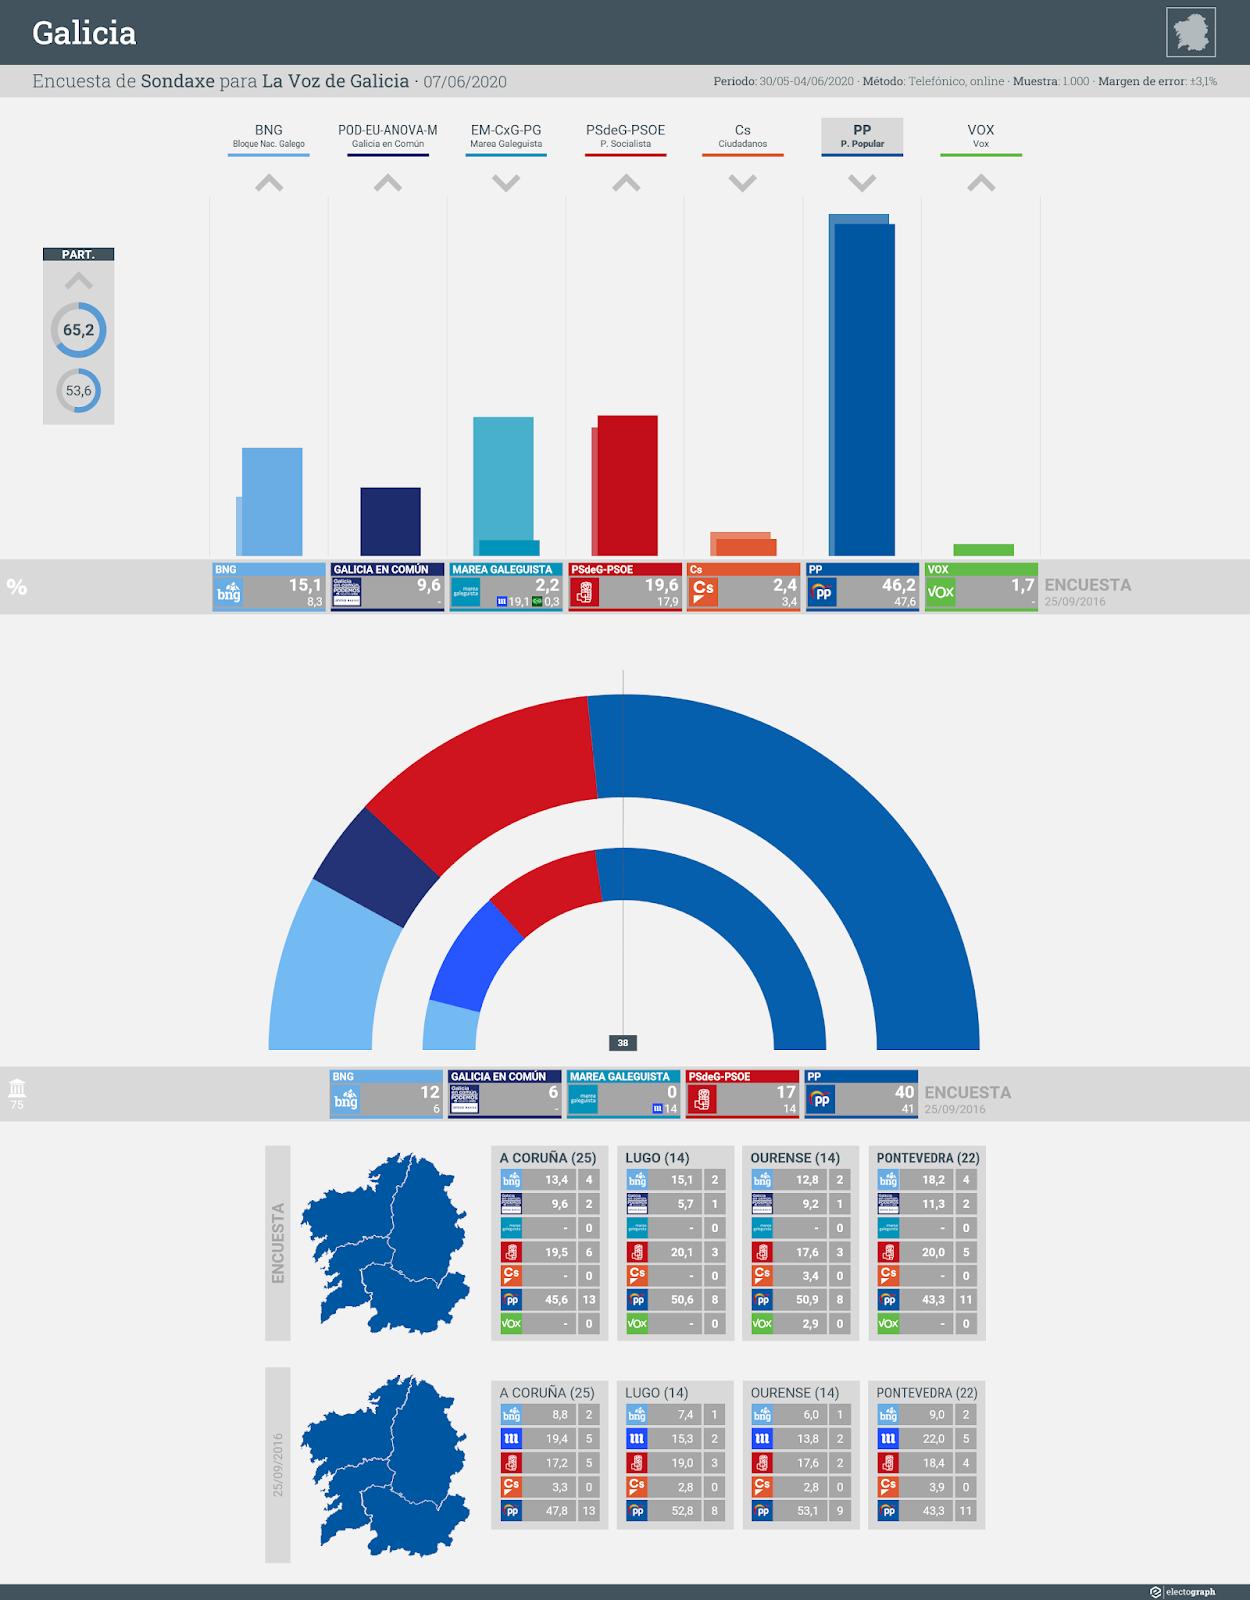 Gráfico de la encuesta para elecciones autonómicas en Galicia realizada por Sondaxe para La Voz de Galicia, 7 de junio de 2020